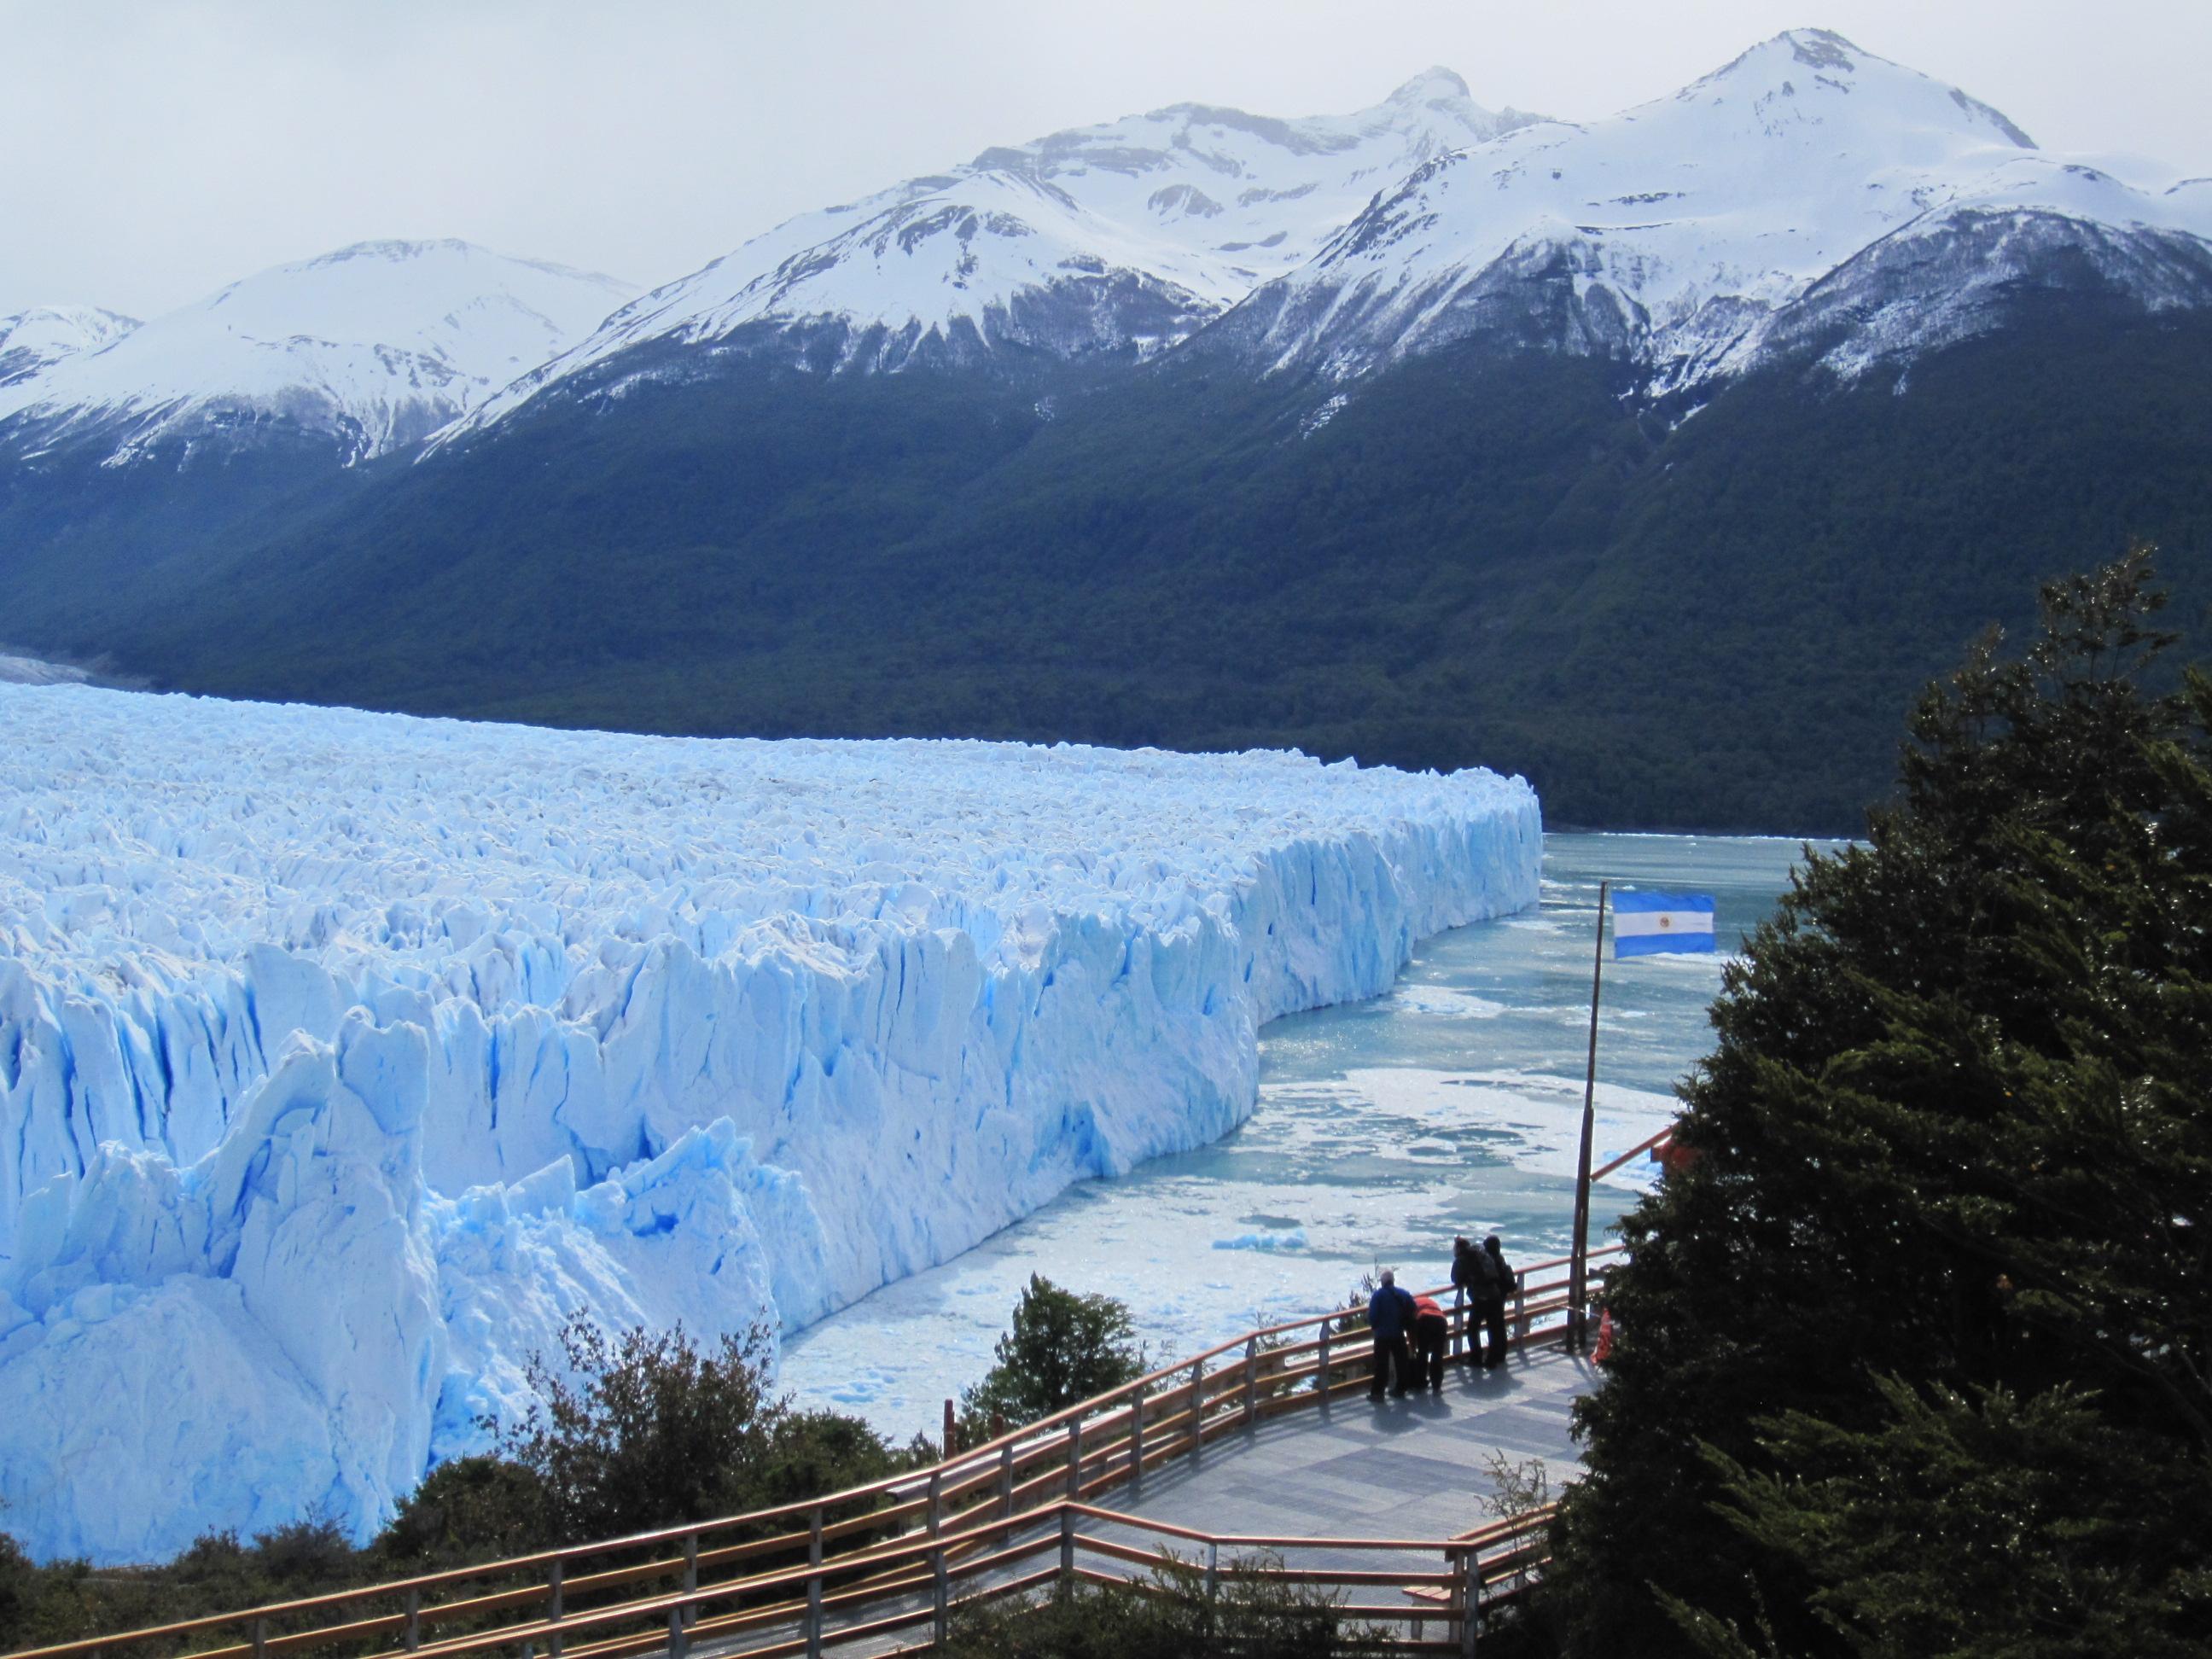 Perito Moreno looks on warily